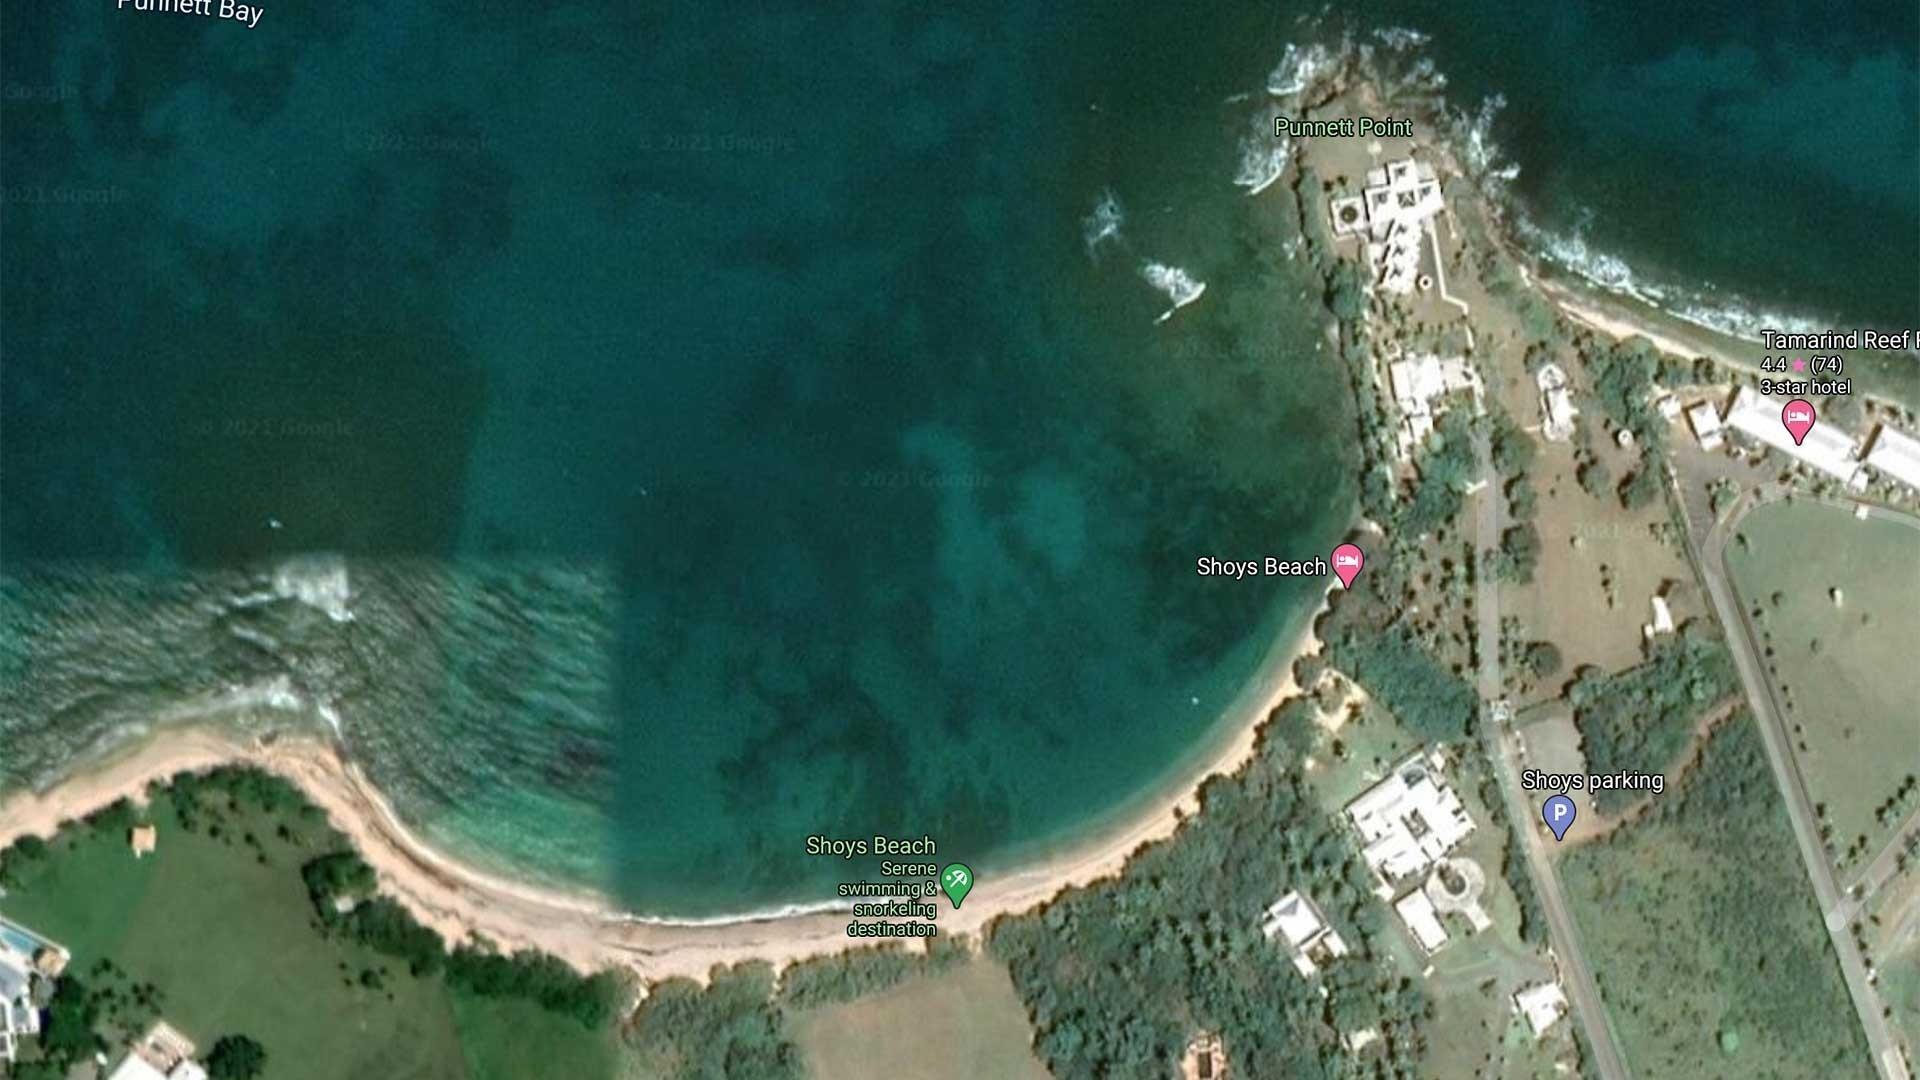 Shoys Beach Map